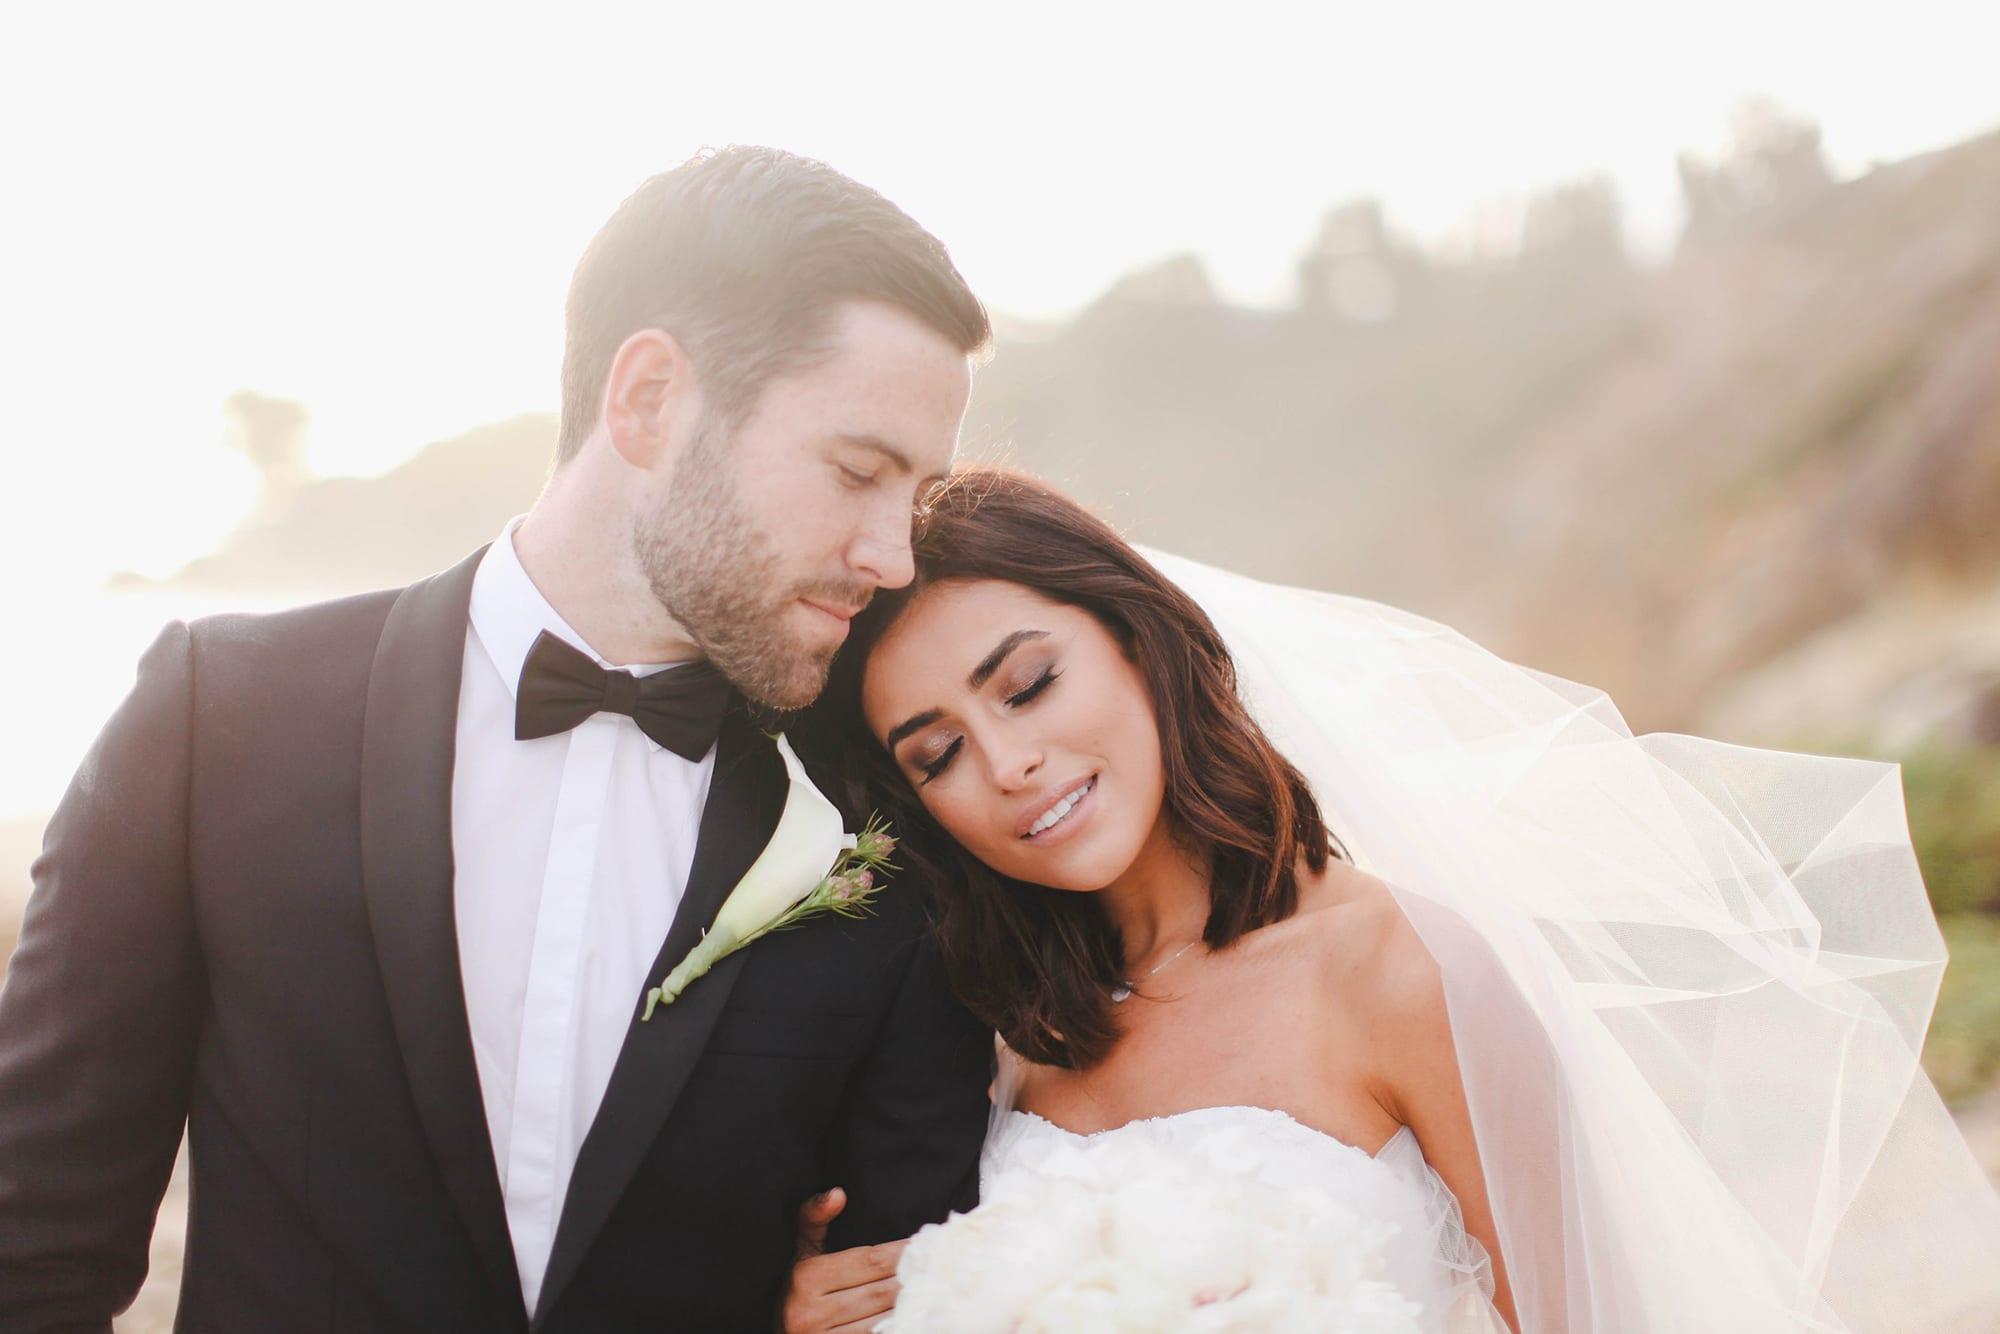 20 Conseils Pour Réussir Son Mariage de la Part d'un Divorcé